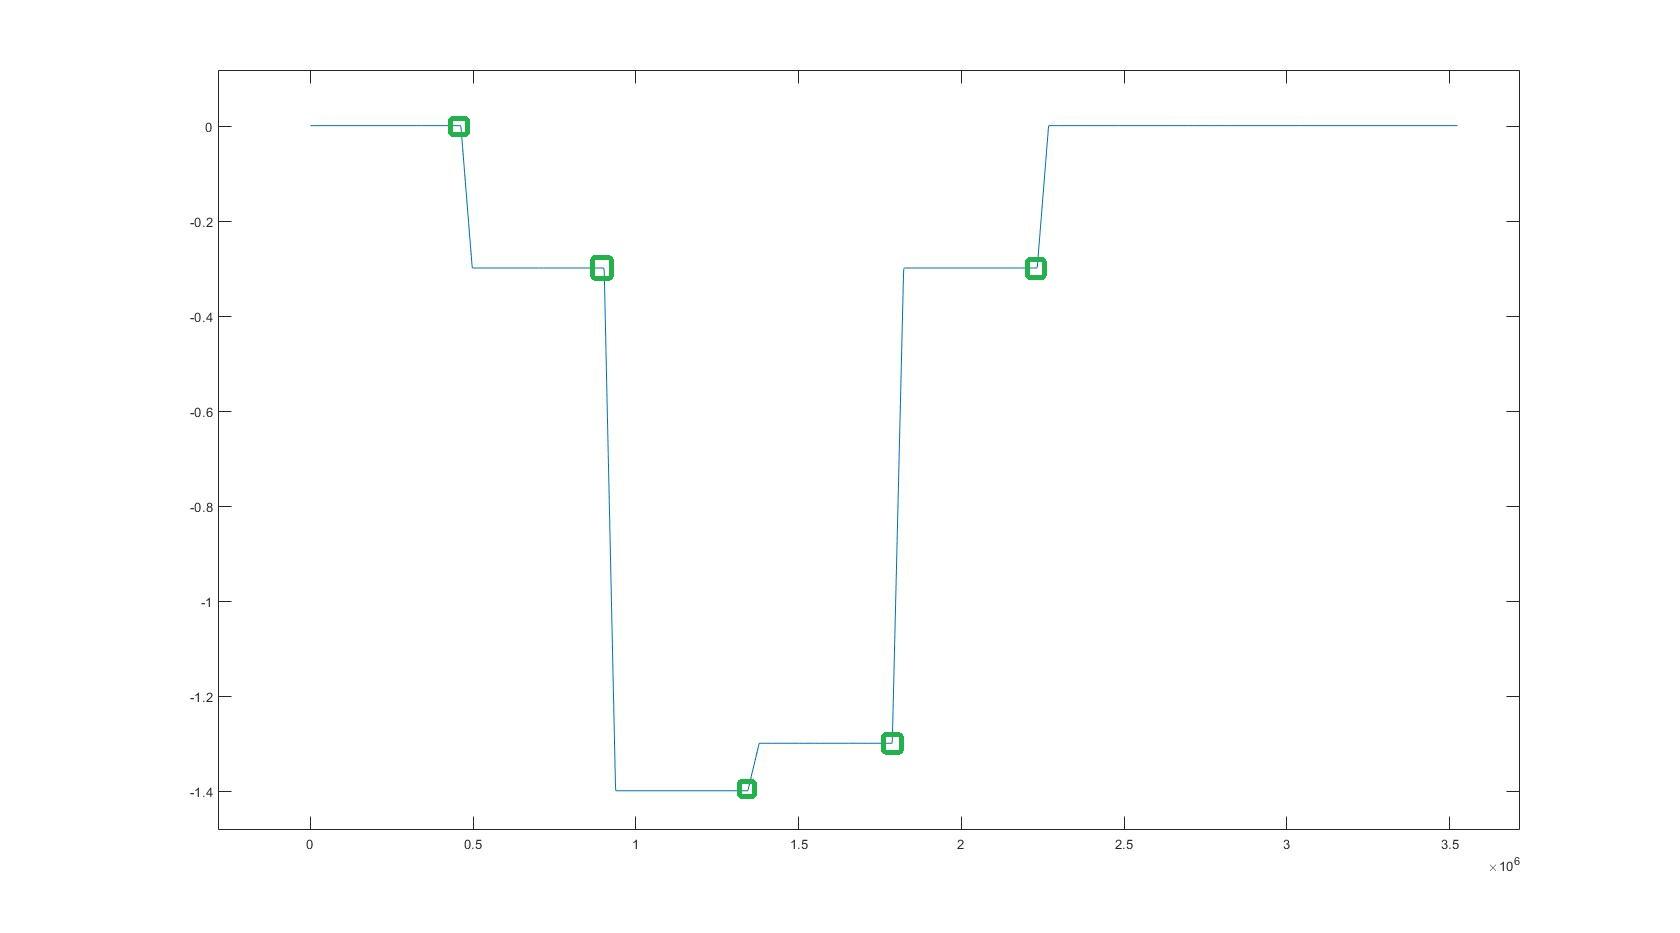 data_mat.jpg